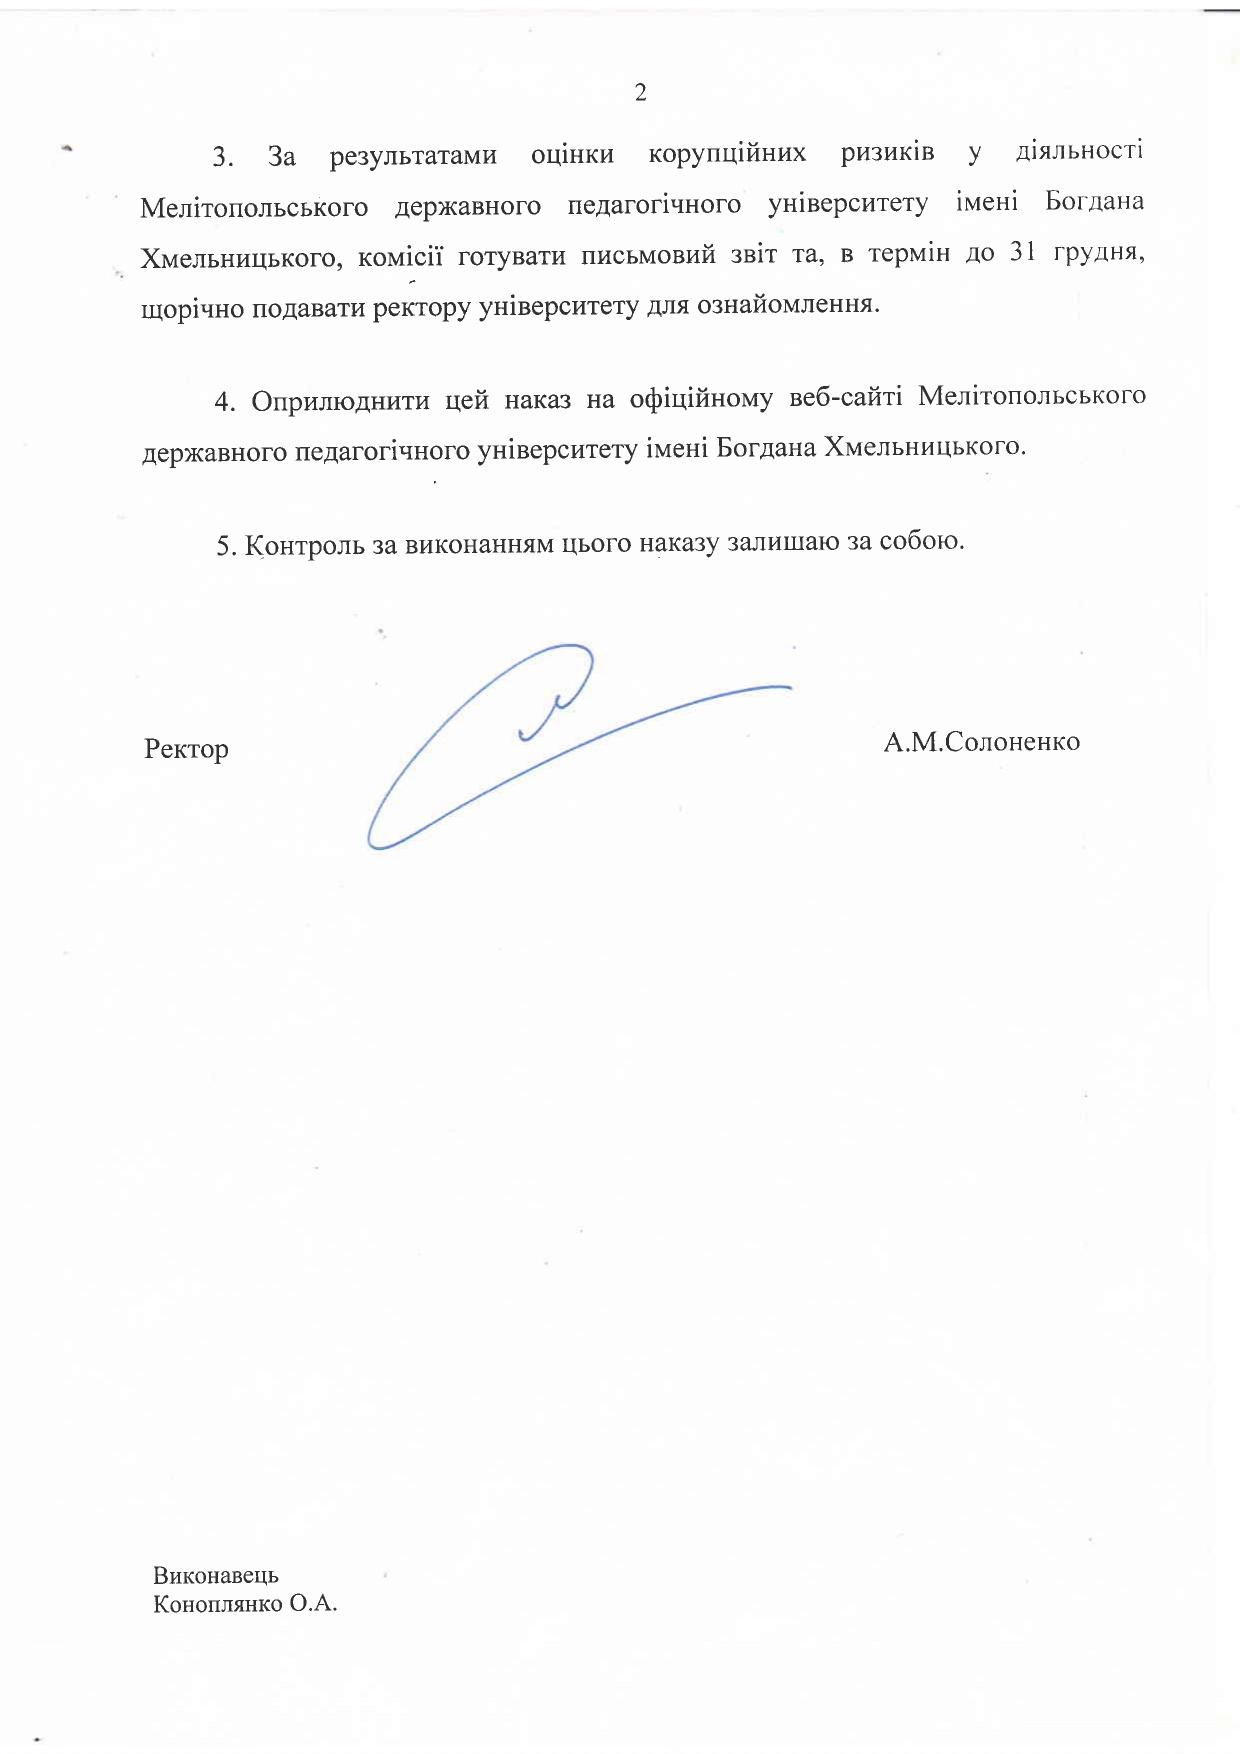 Про роботу комісії з проведення оцінки корупційних ризиків